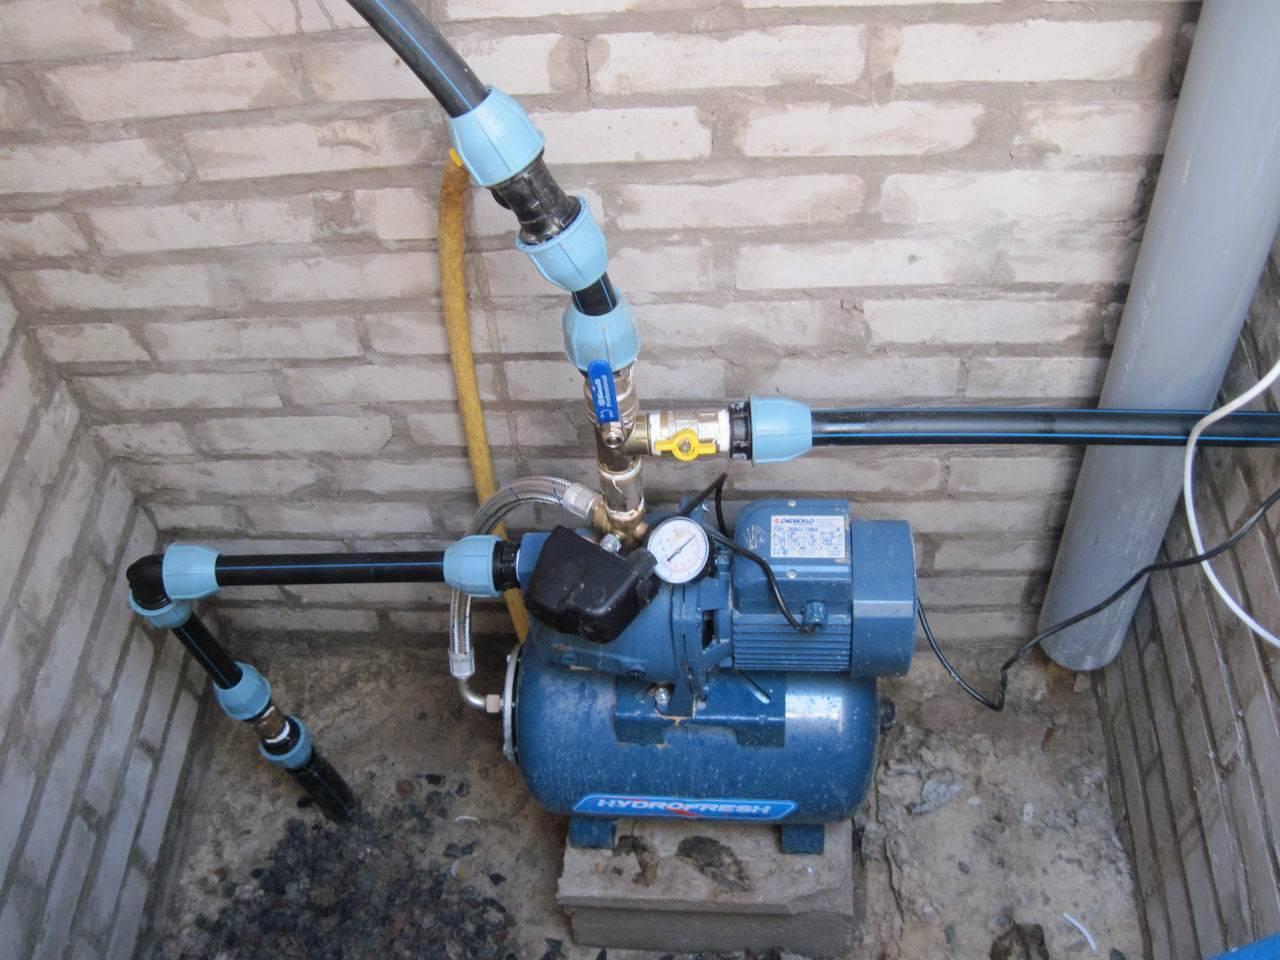 Повысительная насосная станция водоснабжения: устройство и область применения, критерии выбора оборудования